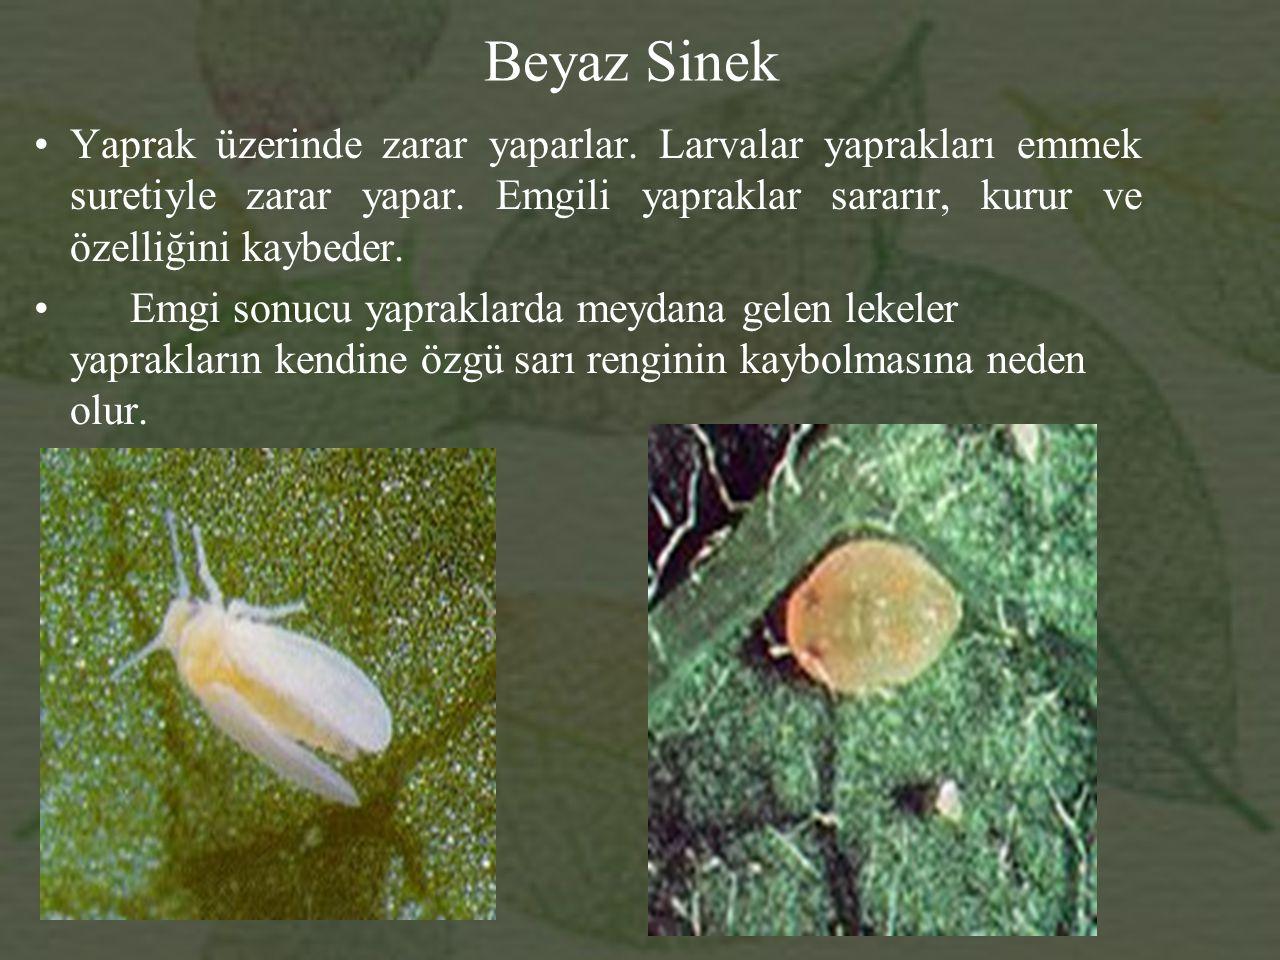 Beyaz Sinek Yaprak üzerinde zarar yaparlar. Larvalar yaprakları emmek suretiyle zarar yapar. Emgili yapraklar sararır, kurur ve özelliğini kaybeder.